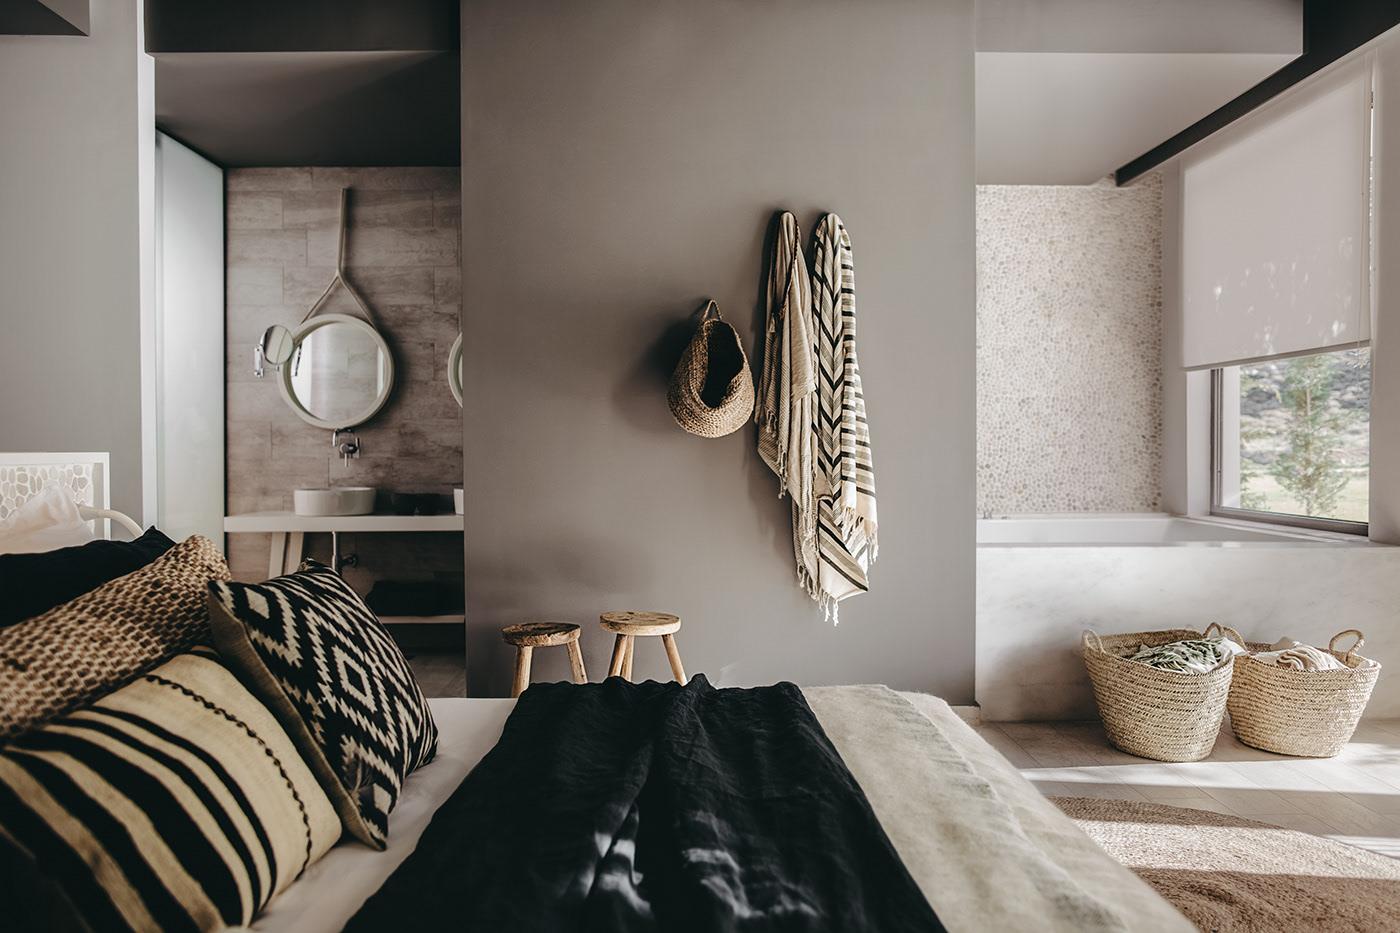 Bồn tắm và bồn rửa tay ngăn cách phòng ngủ bằng một vách tường chắn giữa. Điều này giữ cho căn phòng vẫn trông thật rộng rãi nhưng lại có sự riêng tư nhất định